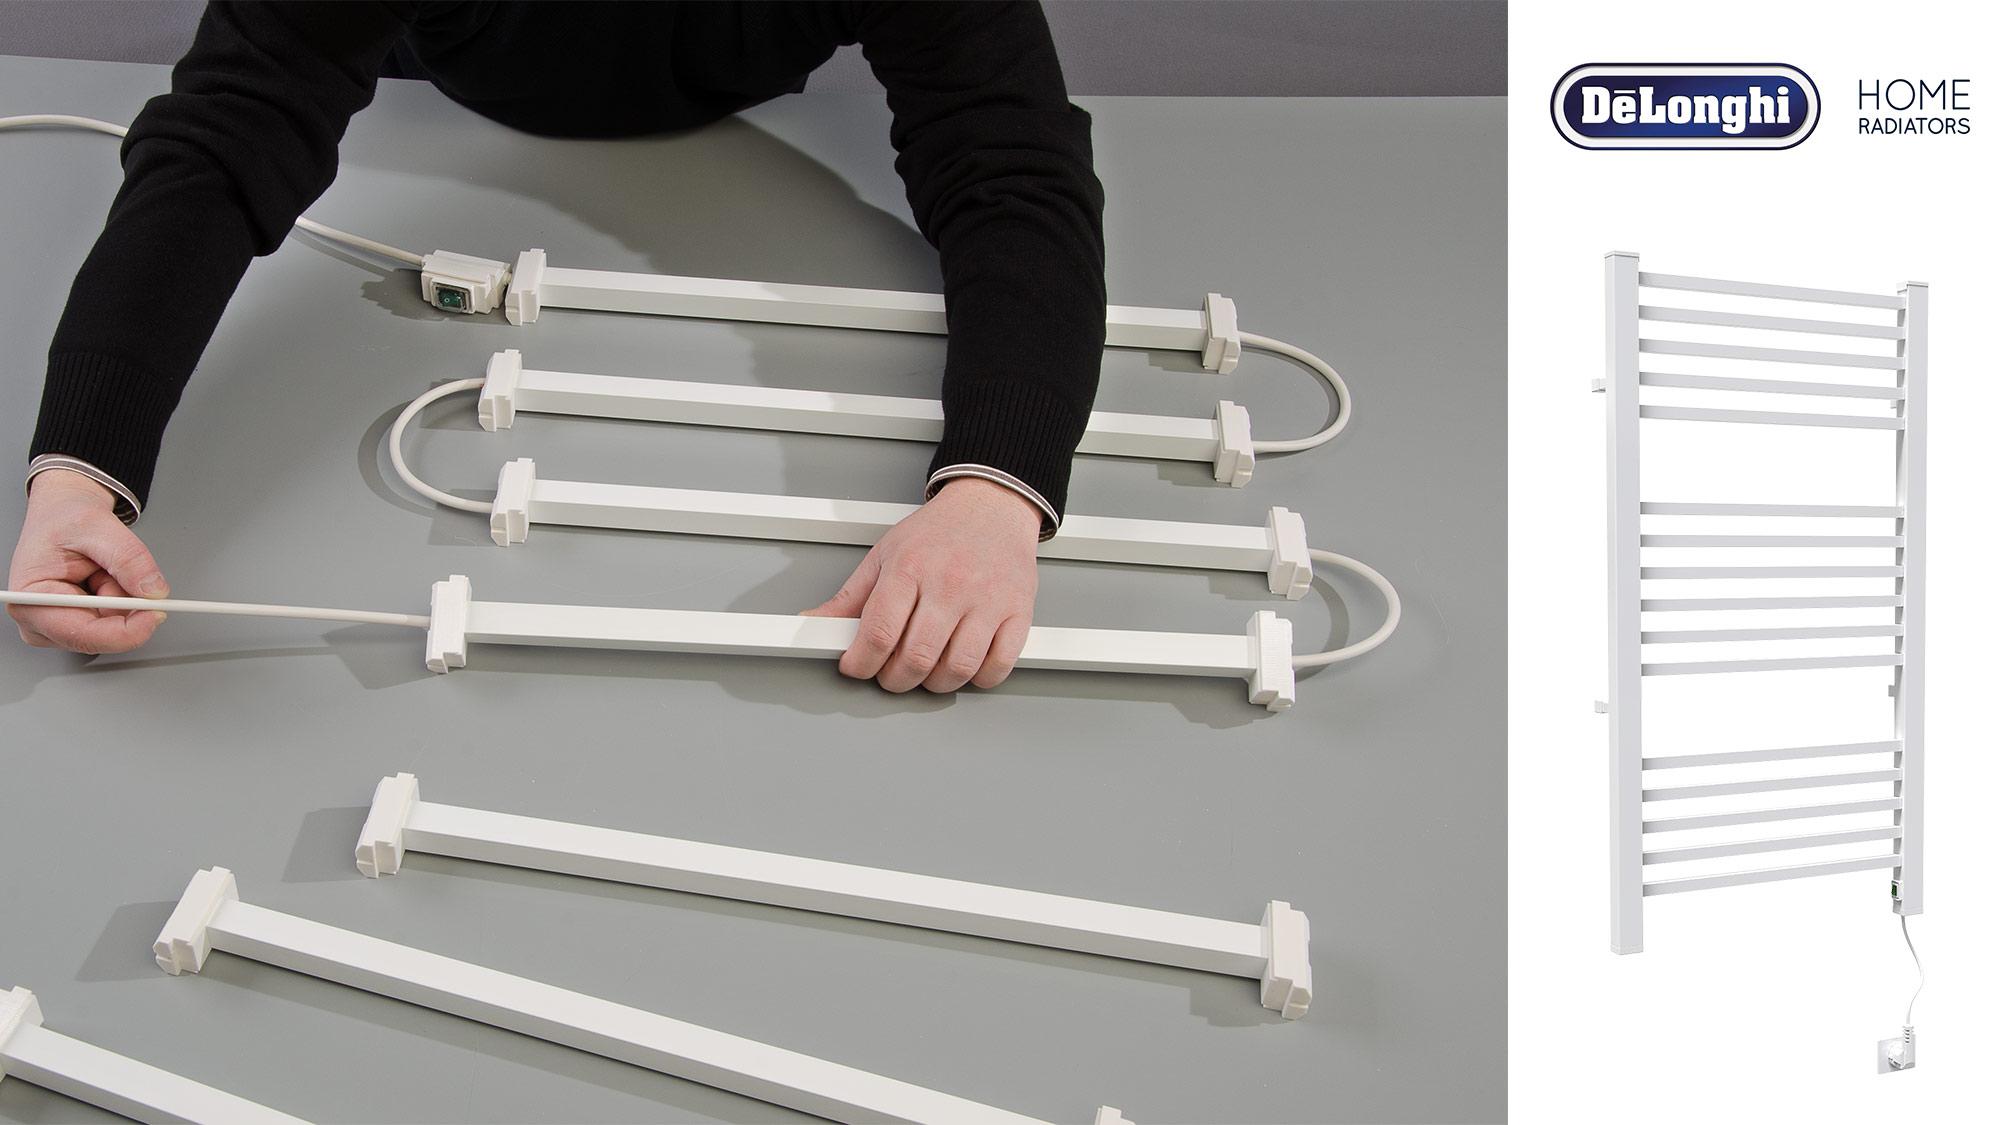 Termoarredo in kit Ottavio De' Longhi   Guida all'installazione